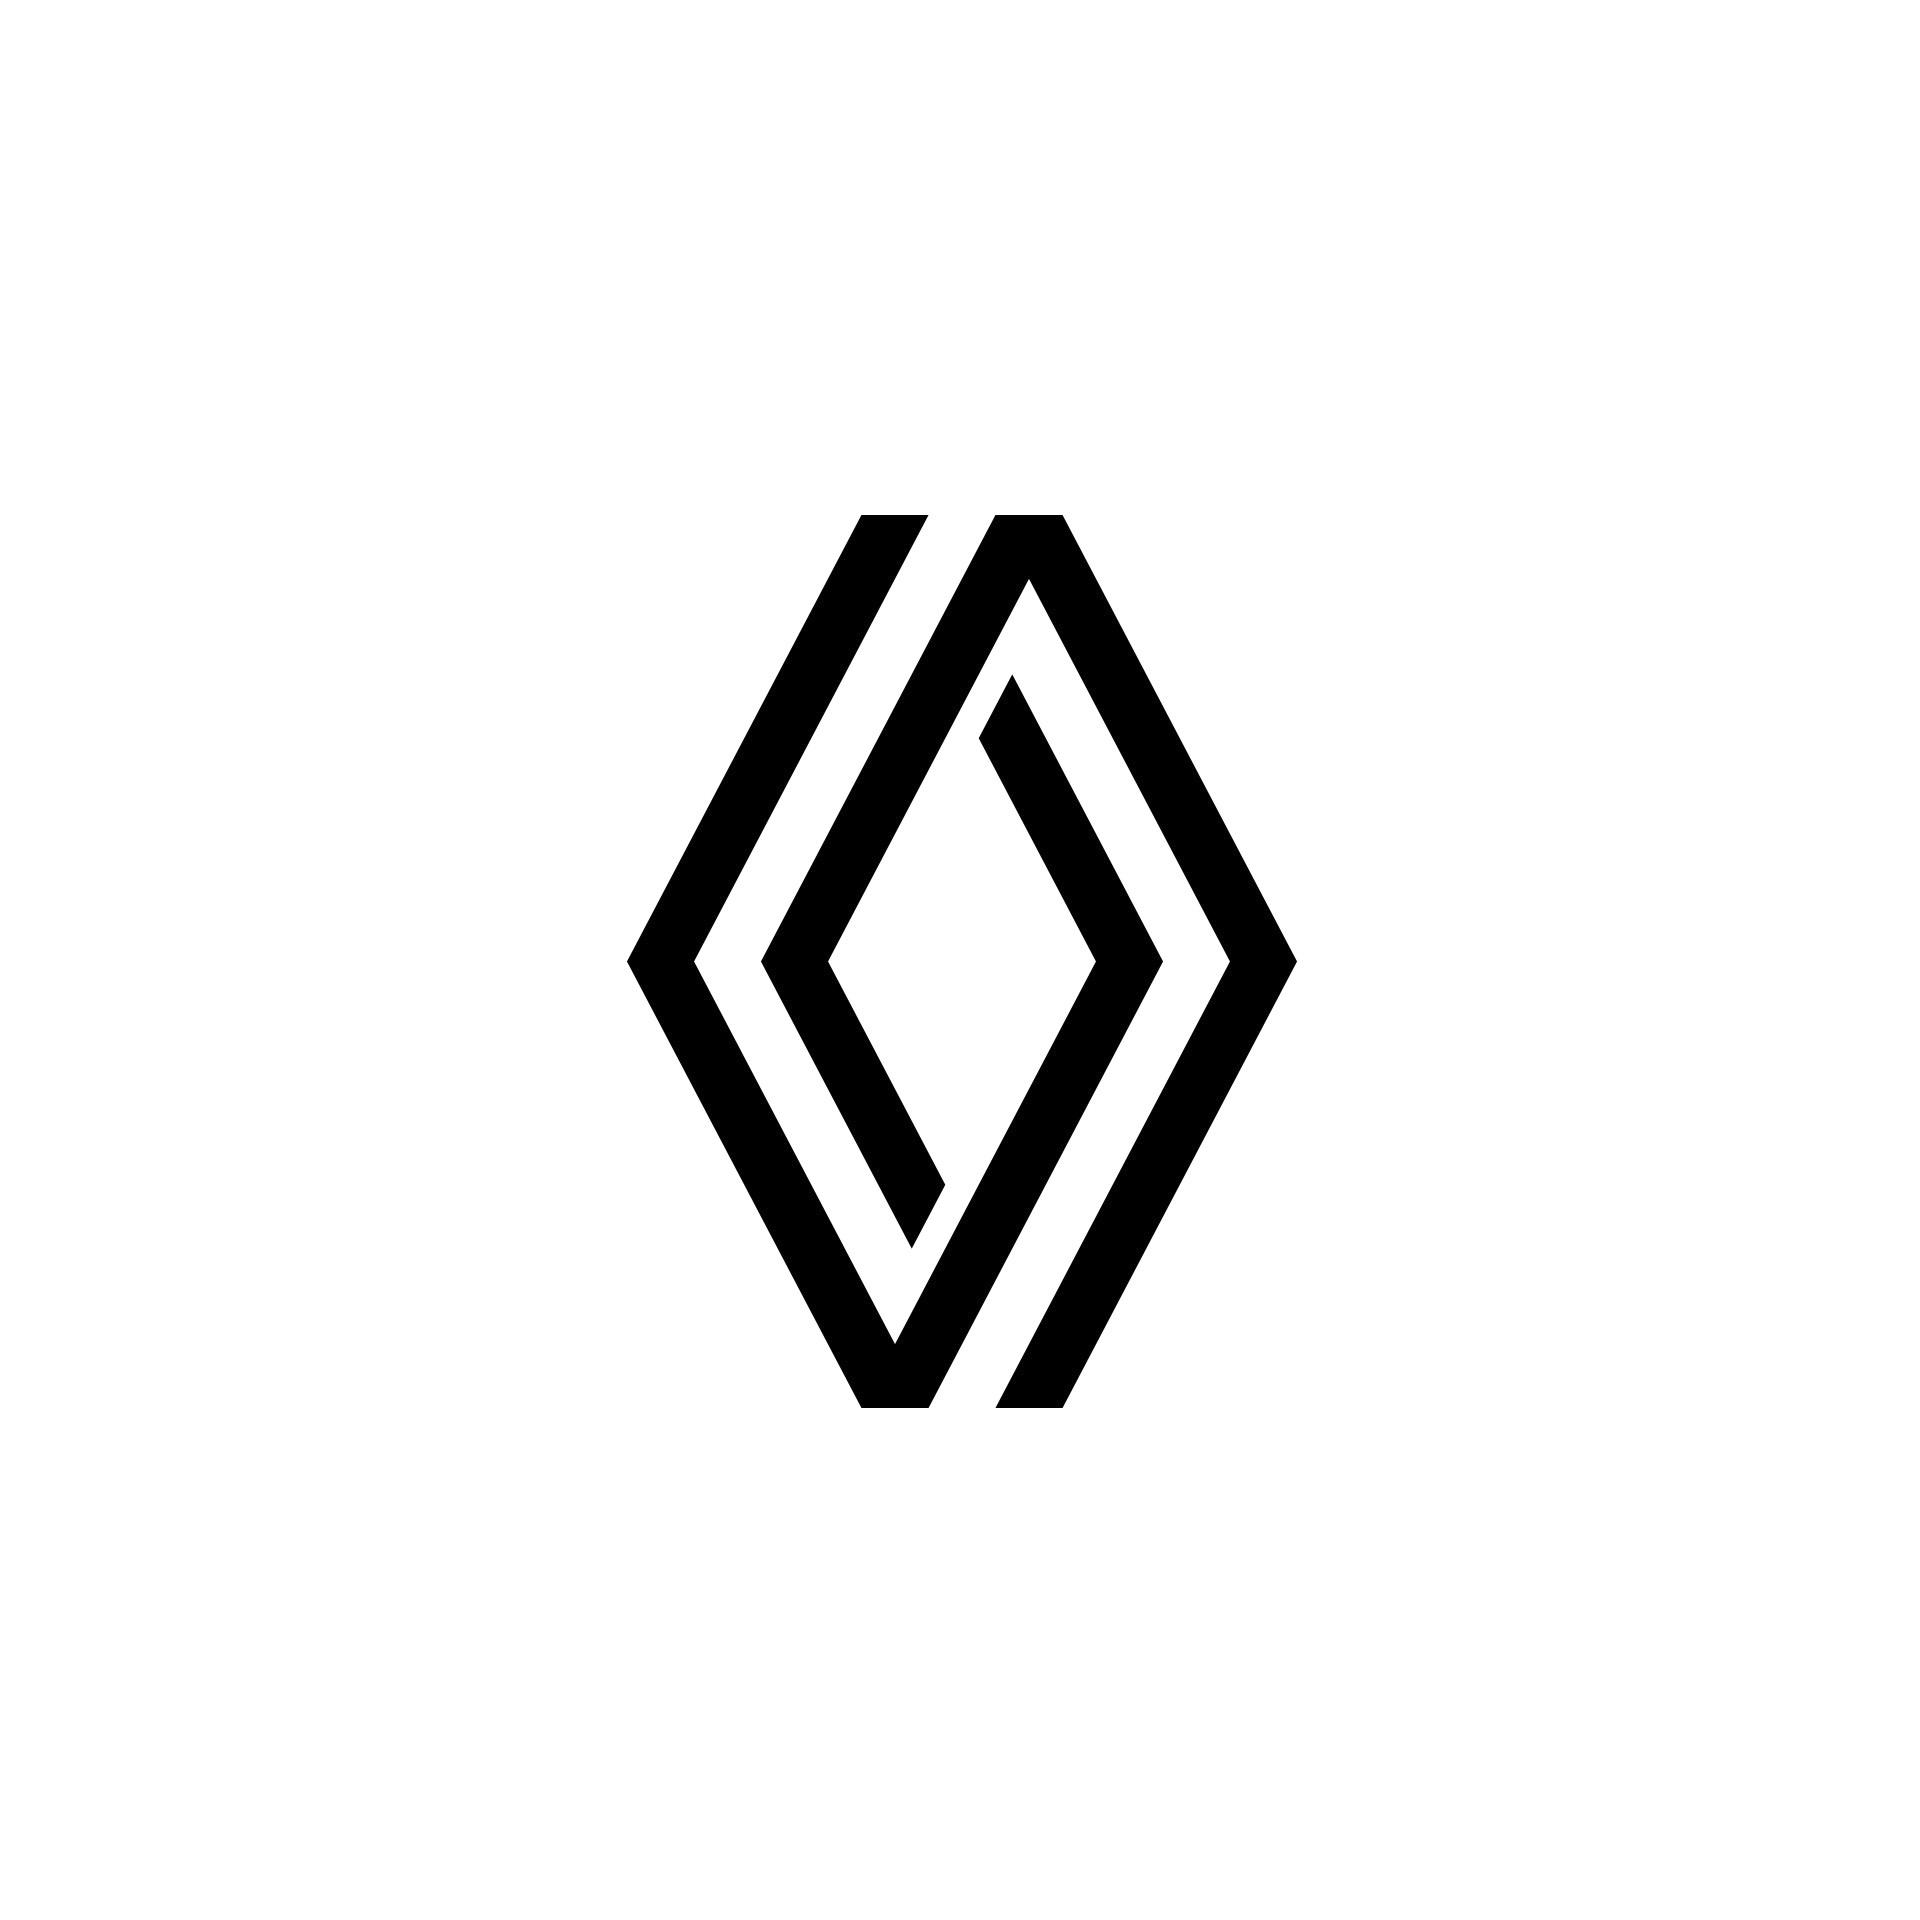 Het nieuwe logo van Renault (2021)